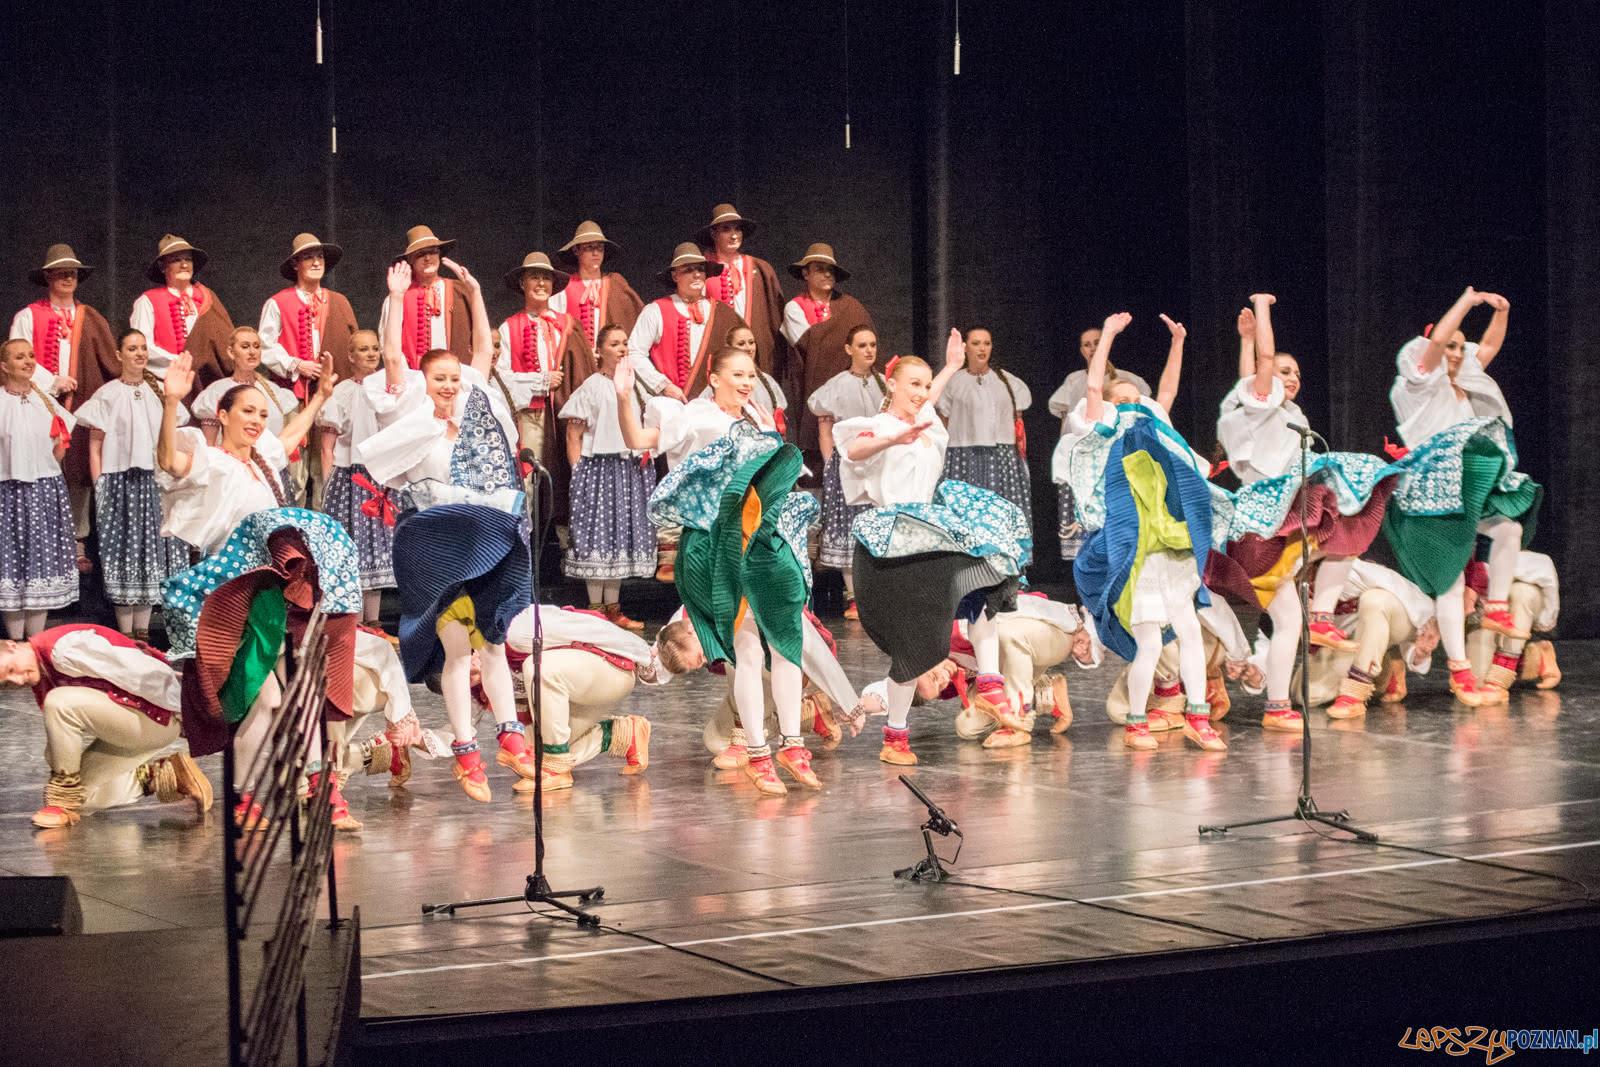 Zespół Pieśni i Tańca Ślask  Foto: lepszyPOZNAN.pl / Ewelina Jaśkowiak